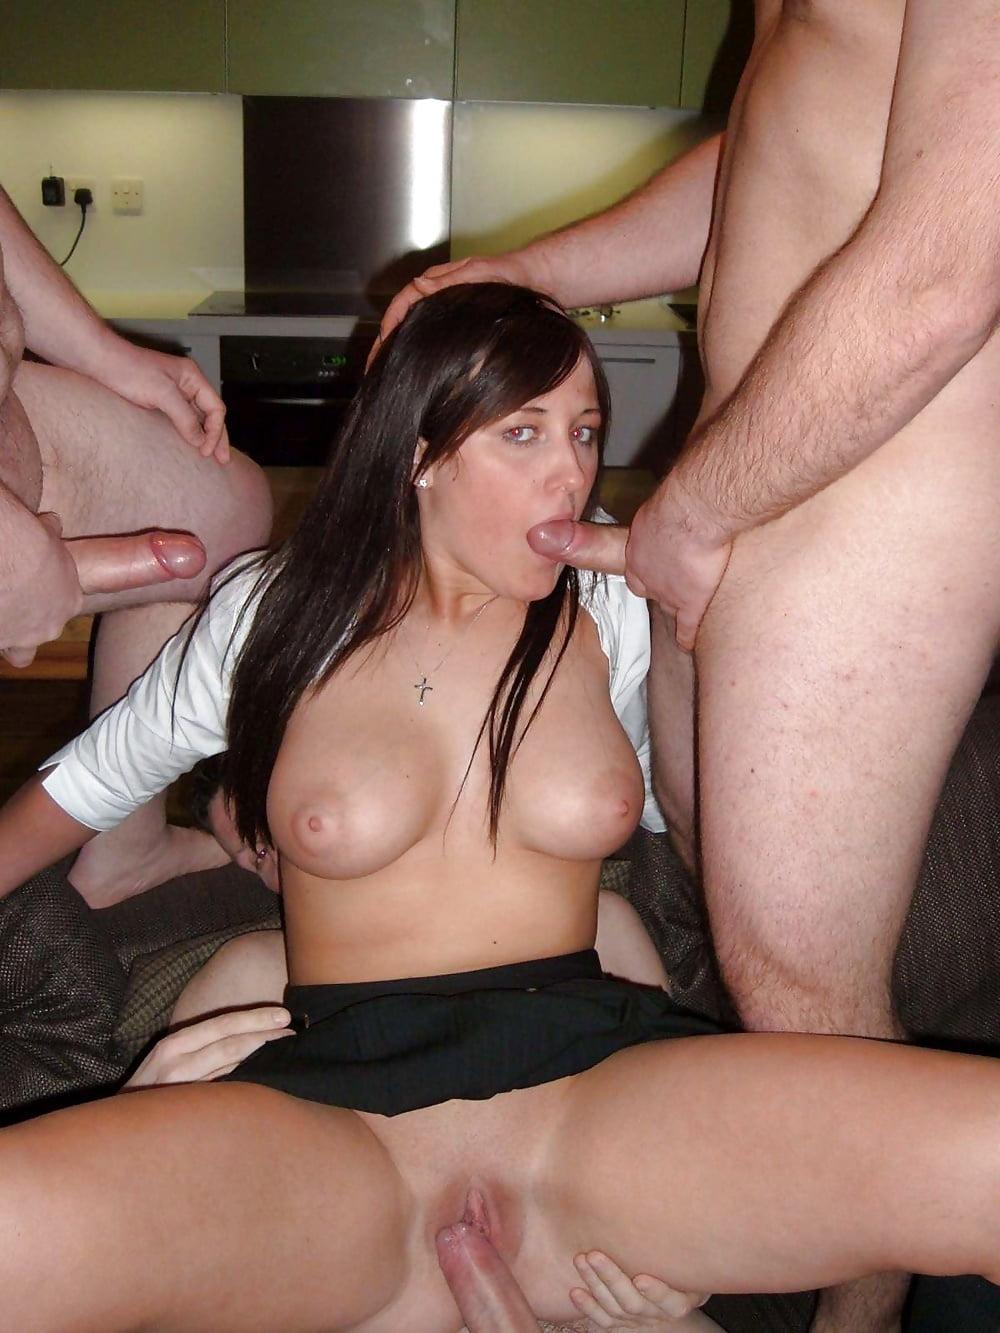 проститутка групповуха екб учителя оказалось